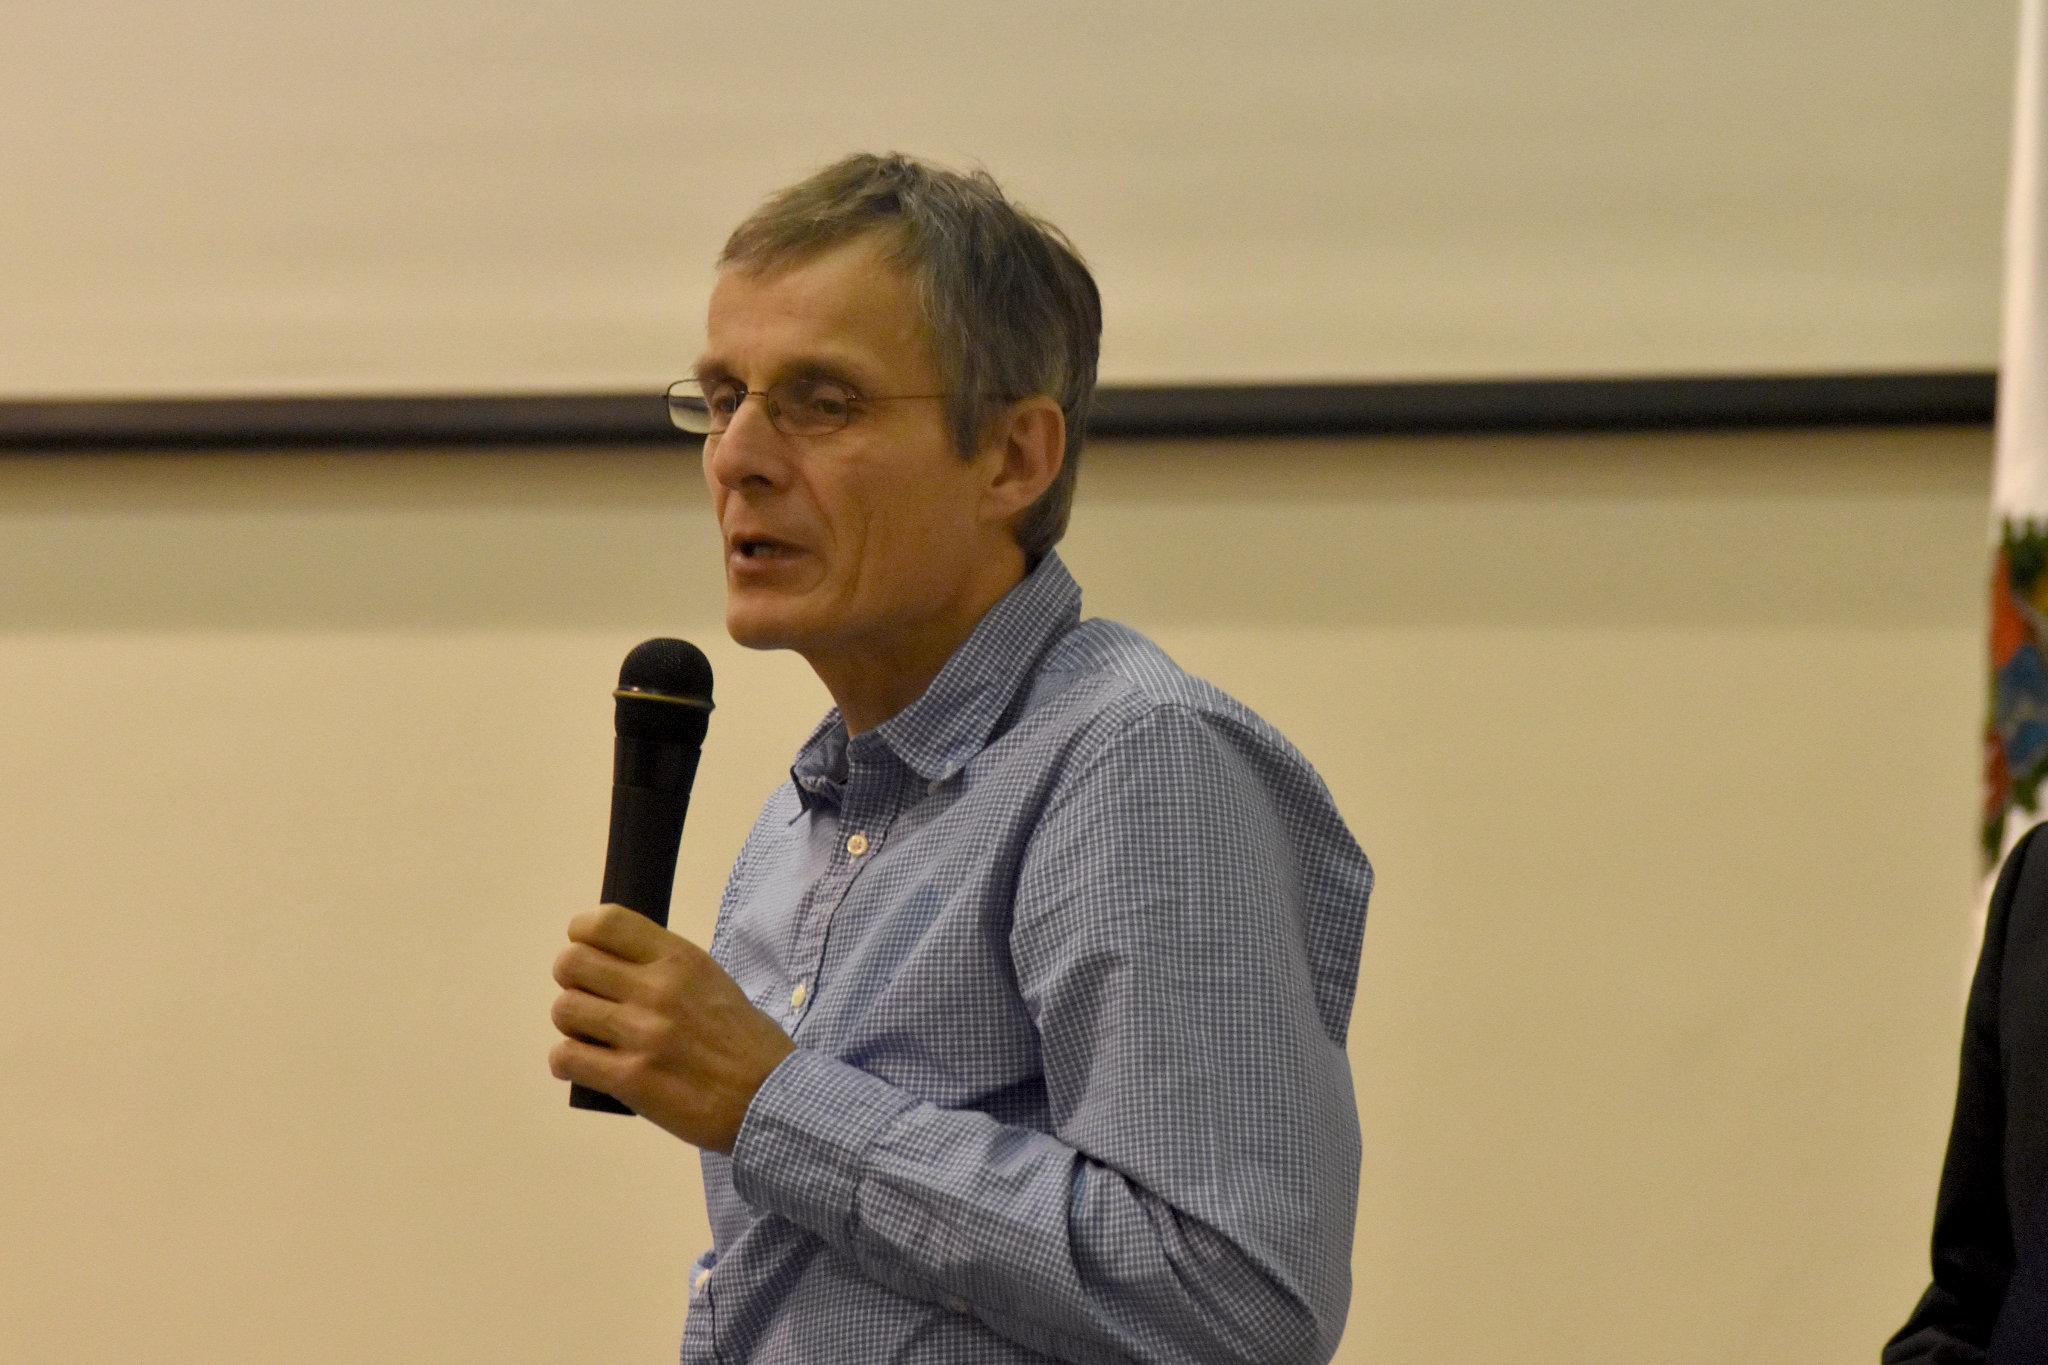 Christian Griesinger, de la Sociedad Max Planck (Foto: Laura Berrío)